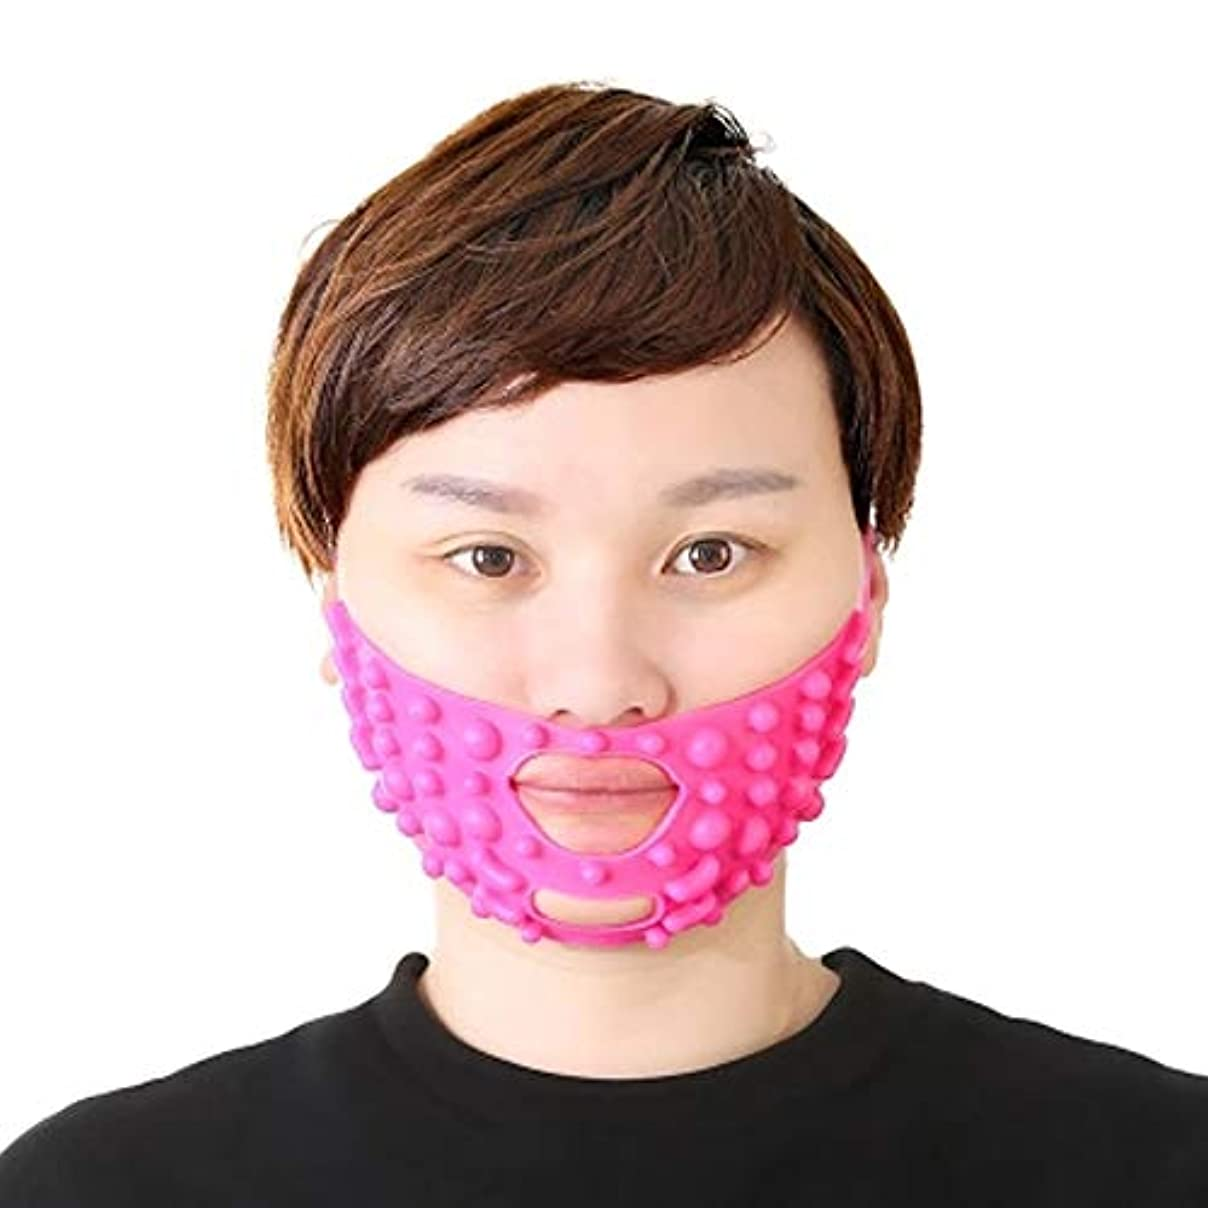 詩人自動的に戦争ダブルの顎のストラップ、顔のマッサージの包帯を持ち上げて持ち上げて小さなVフェイスのマスク薄い顔の人工物